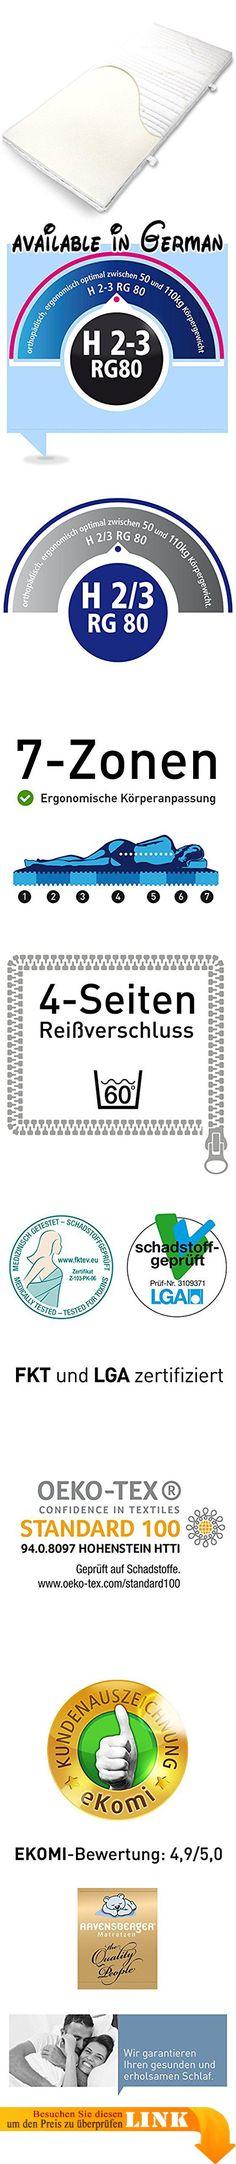 B0092O5NDE : Ravensberger THERMO LUX VISCO 80 Auflage Topper EUROFOAM VISCO RG 80 (50-110 kg) Baumwoll-DT 90x200 cm. Thermoelastische VISCO Auflage - EUROFOAM-VISCO RG 80 - Härtegrad: 2/3 (50-110 kg) - Höhe: 9 cm - Baumwoll-Doppeltuch - 90 x 200 cm. Punktgenaue Körperanpassung durch 7 cm EF-Premium-VISCO RG 80 - Thermoelastische Spitzenqualität. Zertifiziert nach ÖKO TEX Klasse 1 (für Babys geeignet) - certiPUR und LGA schadstoffgeprüft - FKT Textil. Hersteller-Garantie: